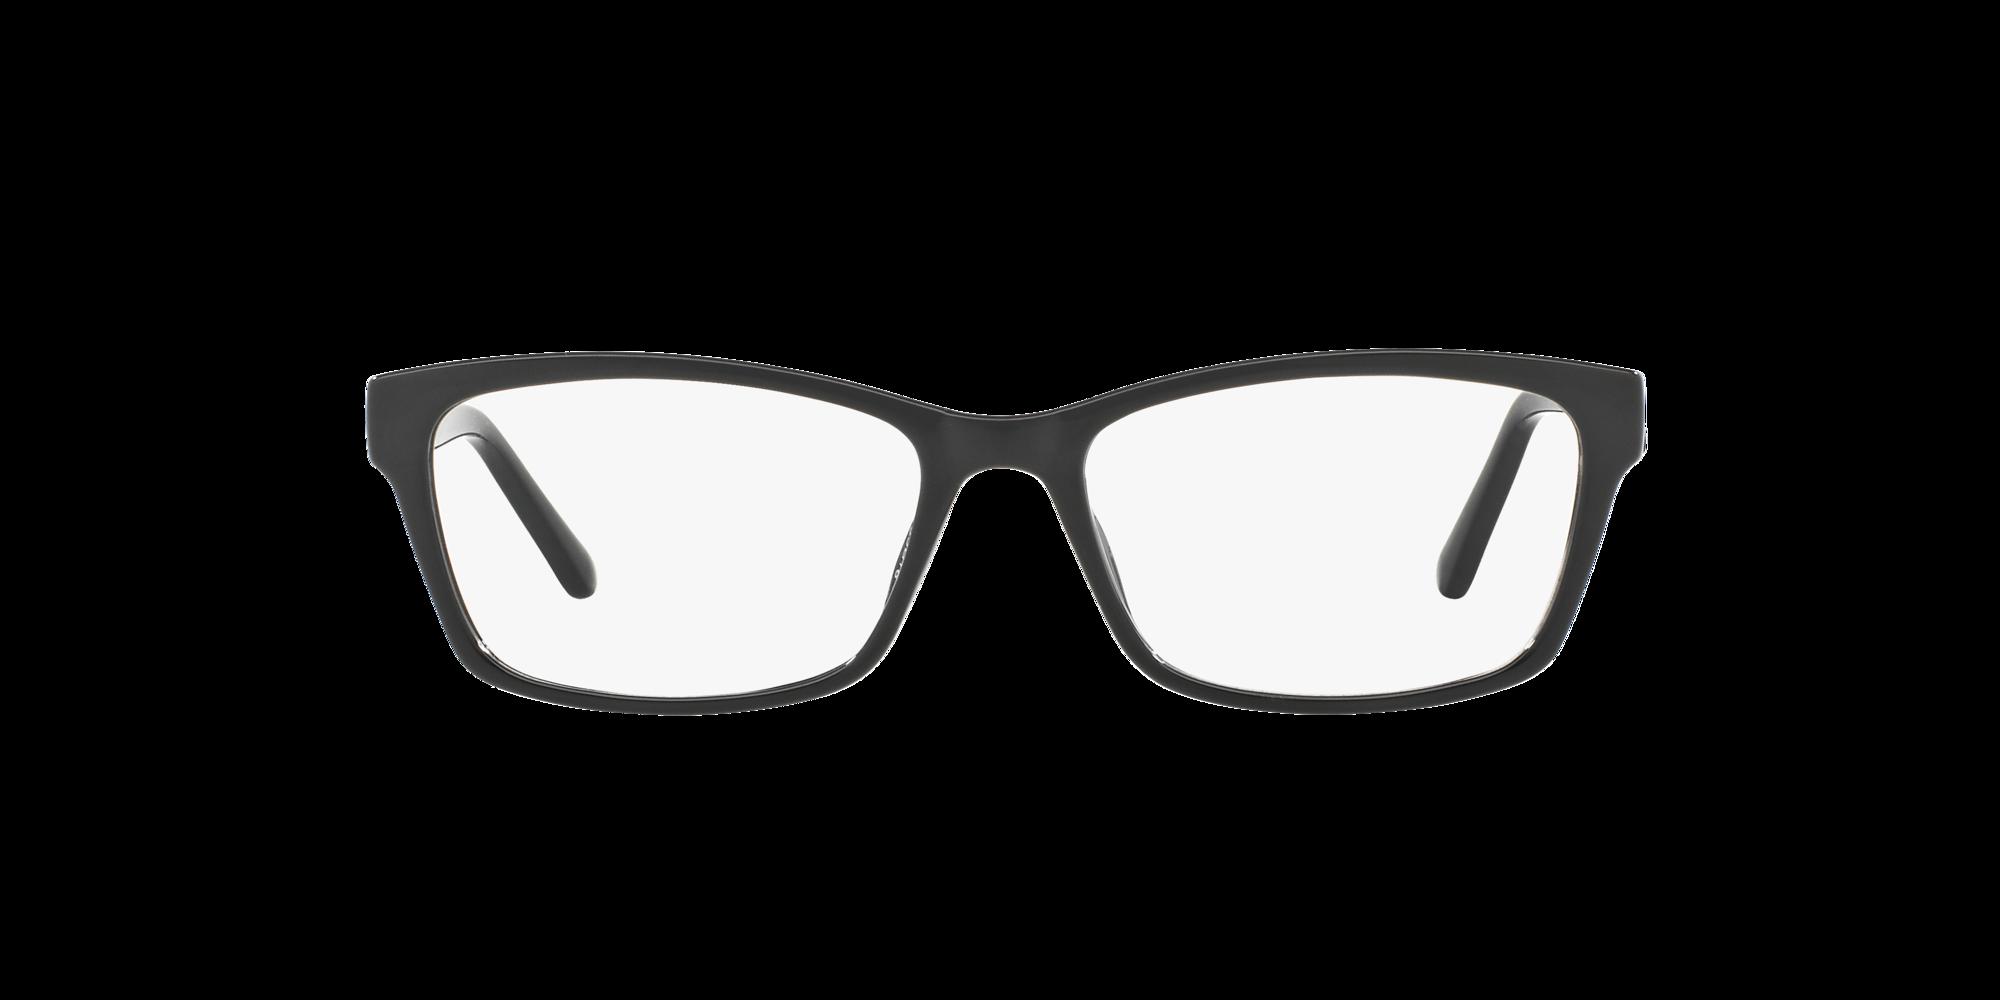 Imagen para SF1568 de LensCrafters |  Espejuelos, espejuelos graduados en línea, gafas